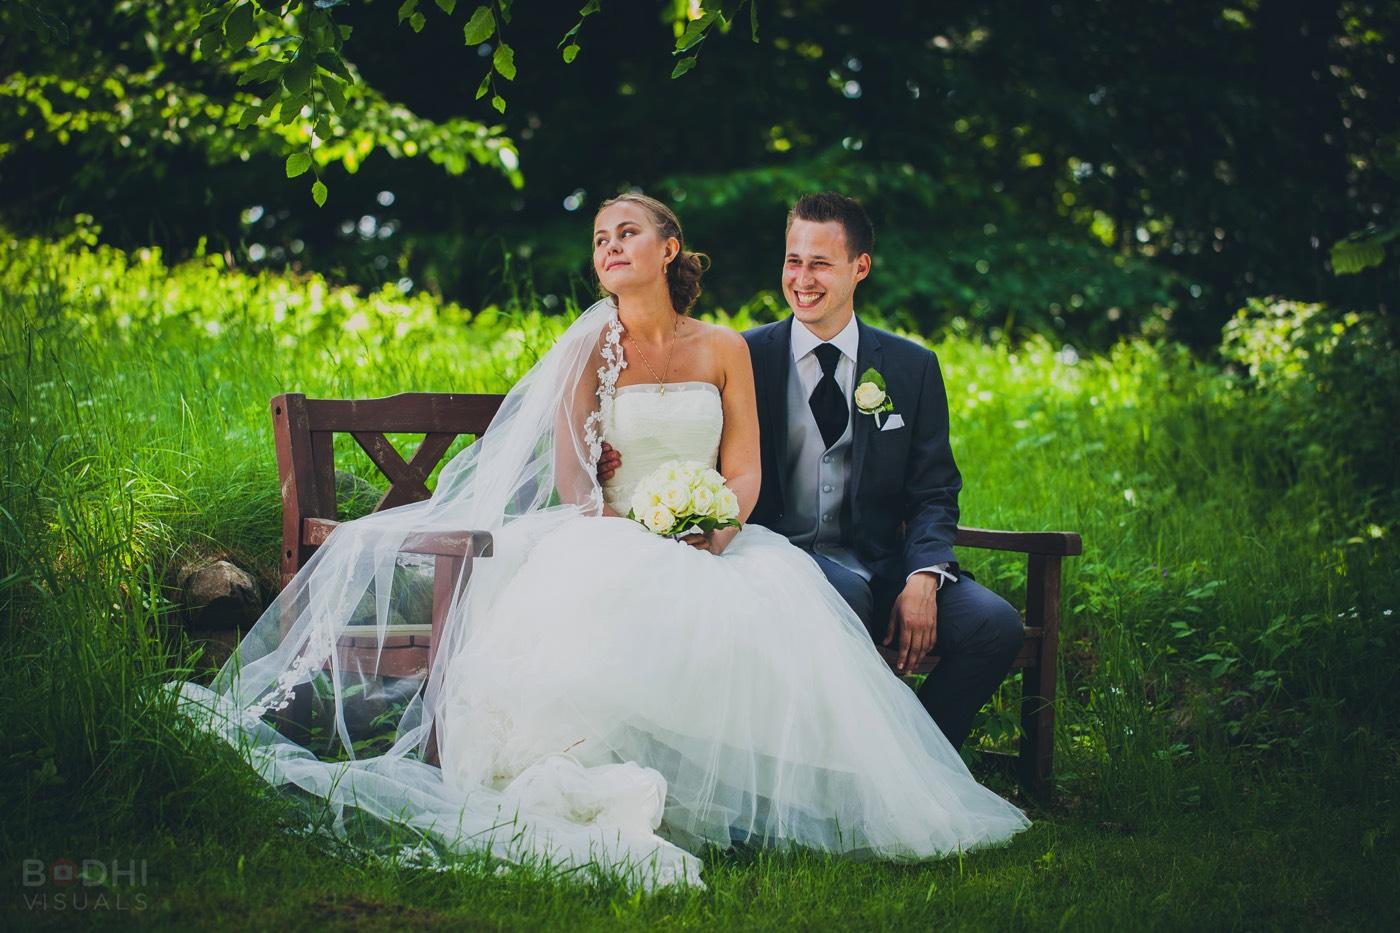 Bryllupsbilleder-reference-04-1400pxl